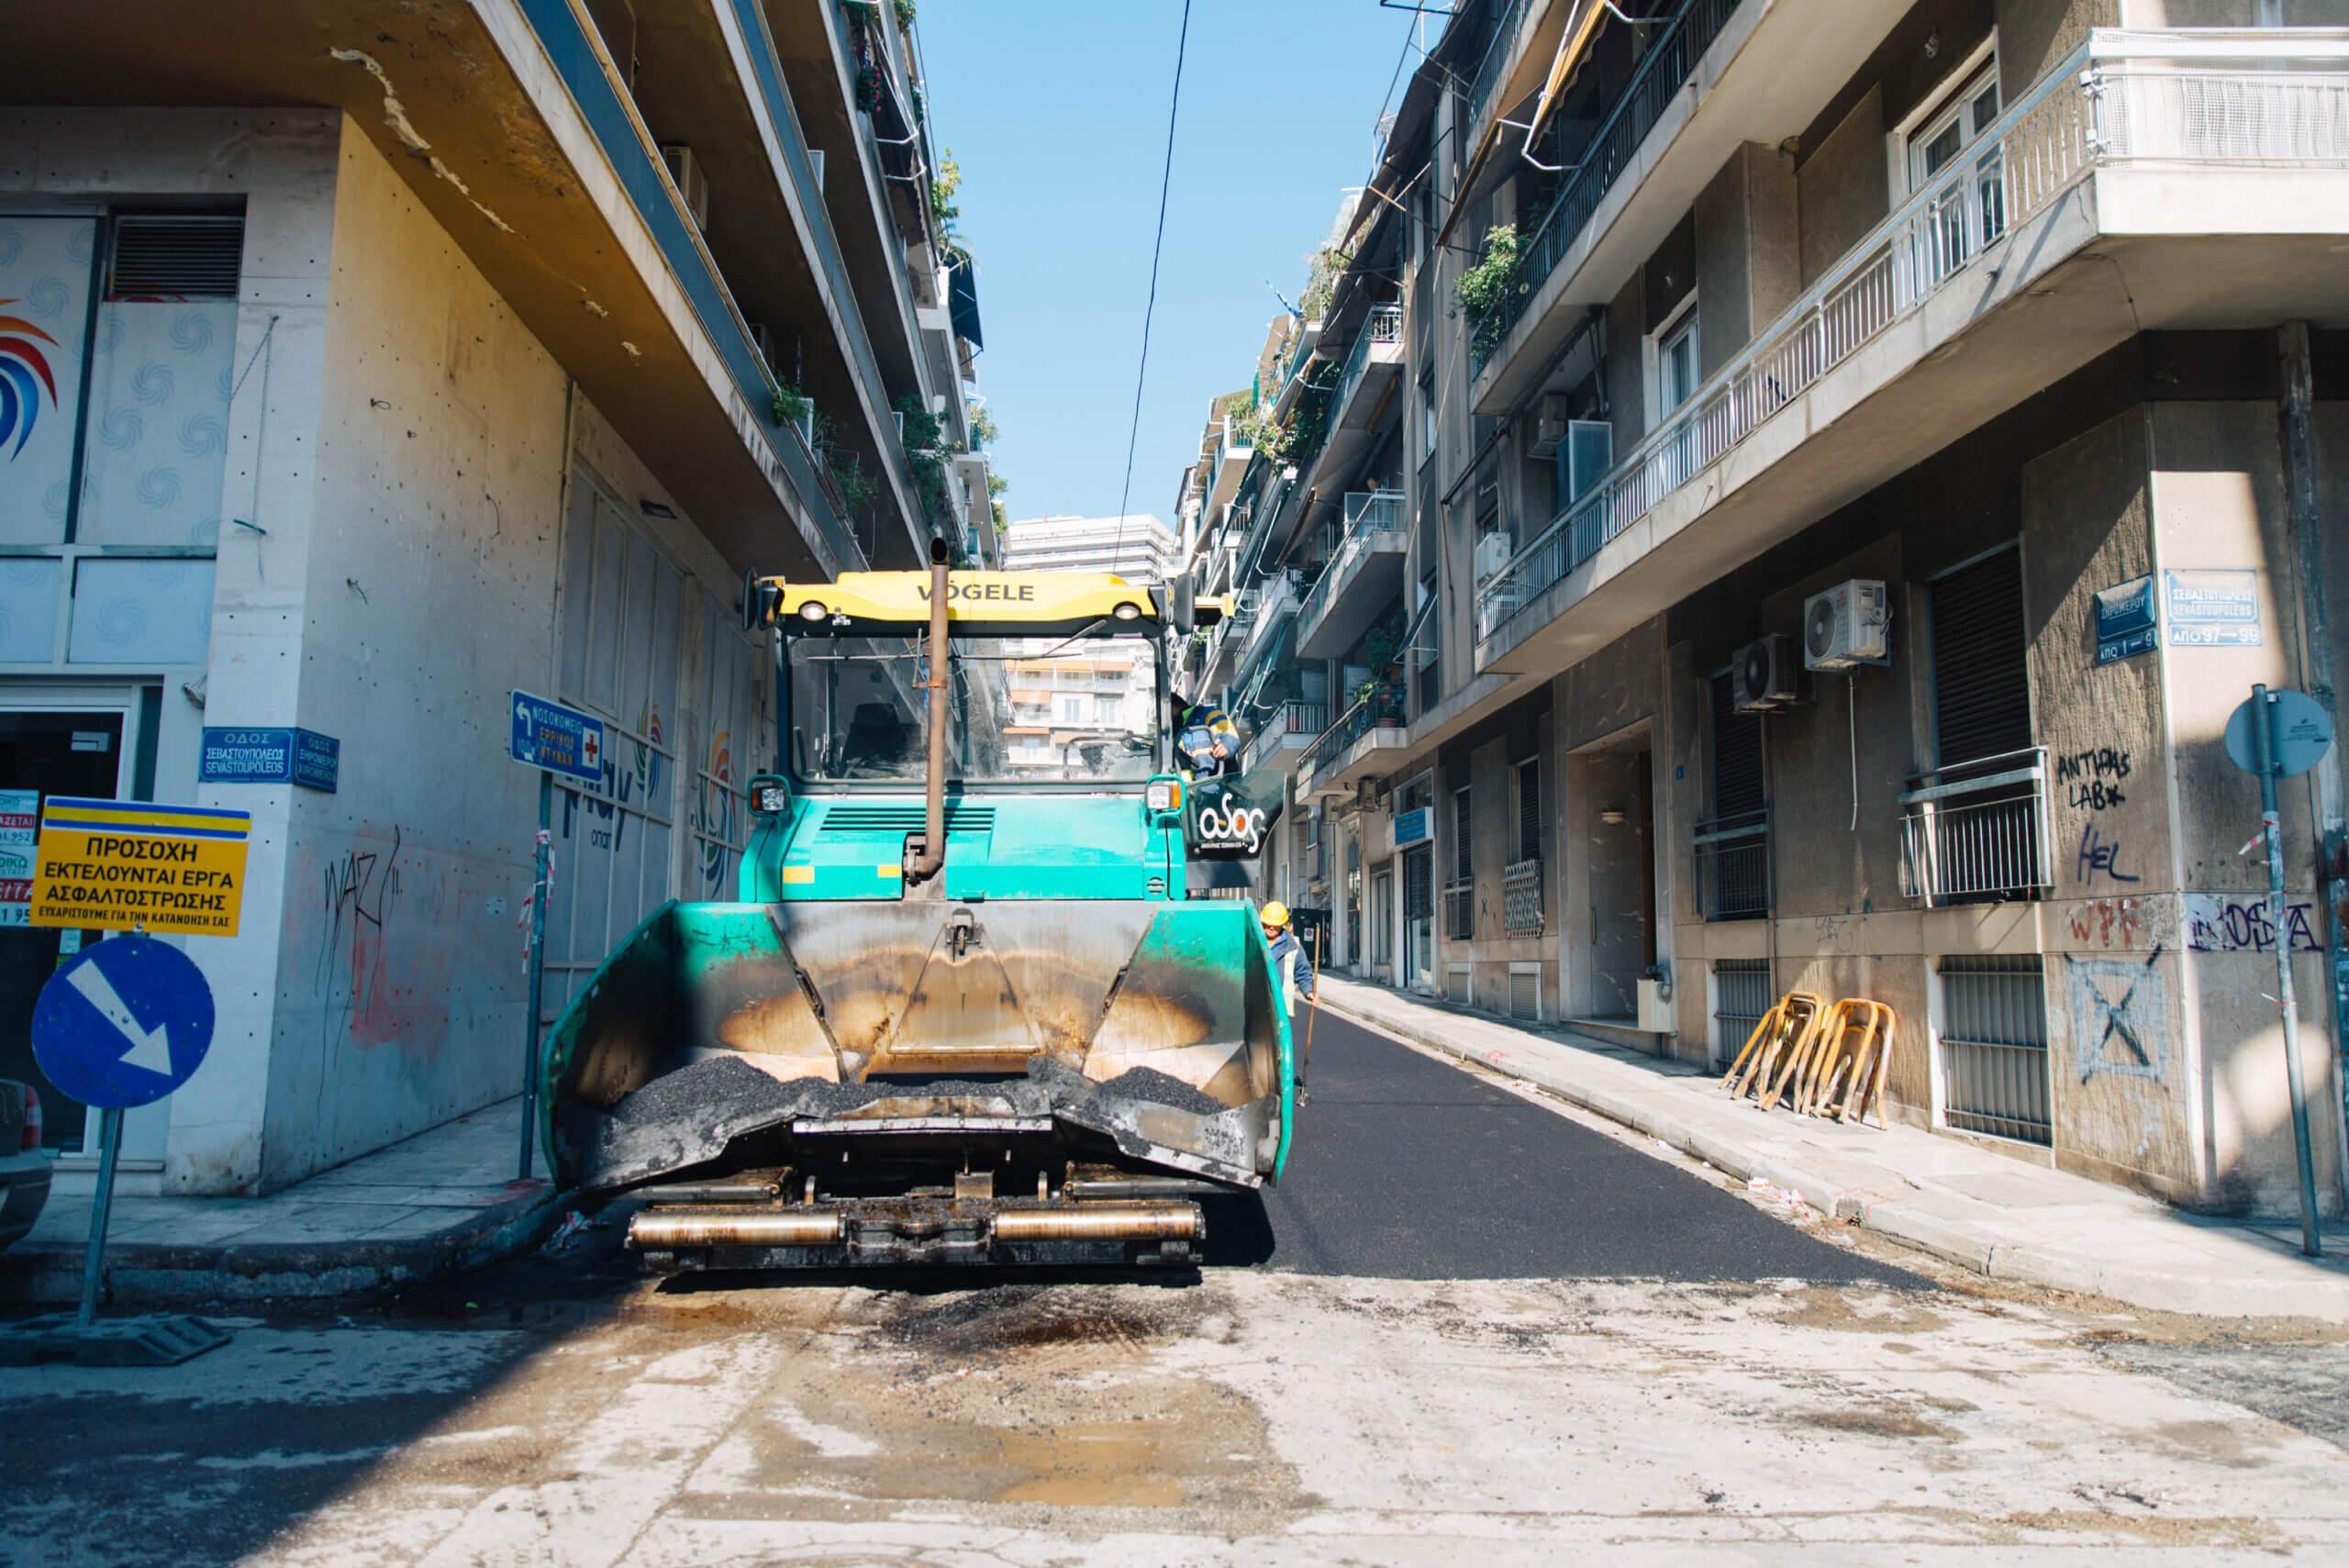 Ασφαλτοστρώθηκαν οι πρώτοι 78 δρόμοι στις γειτονιές της Αθήνας σε τρεις εβδομάδες